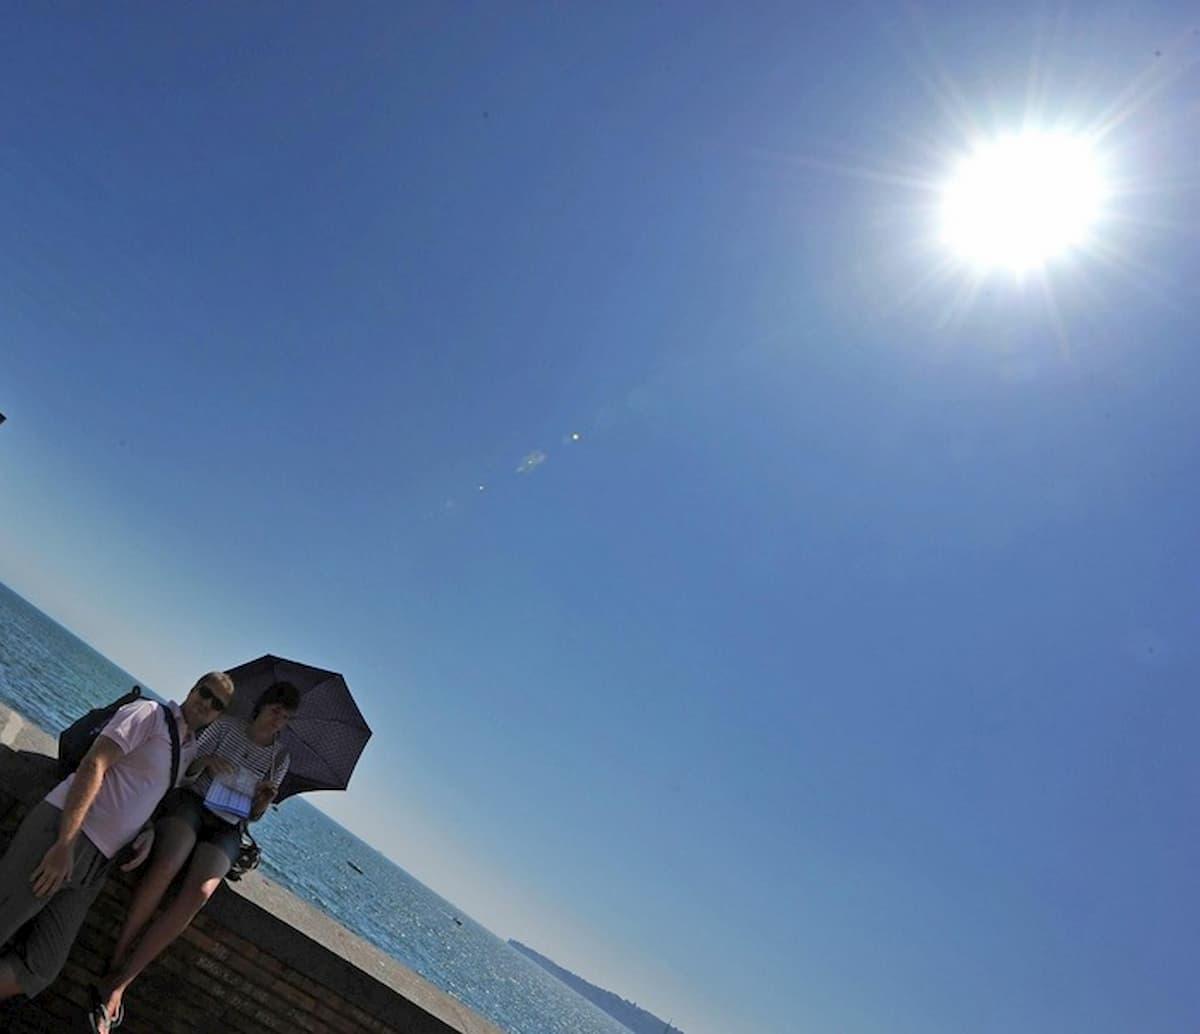 Previsioni meteo: dopo i temporali nel weekend torna il sole e poi ondata di caldo africano